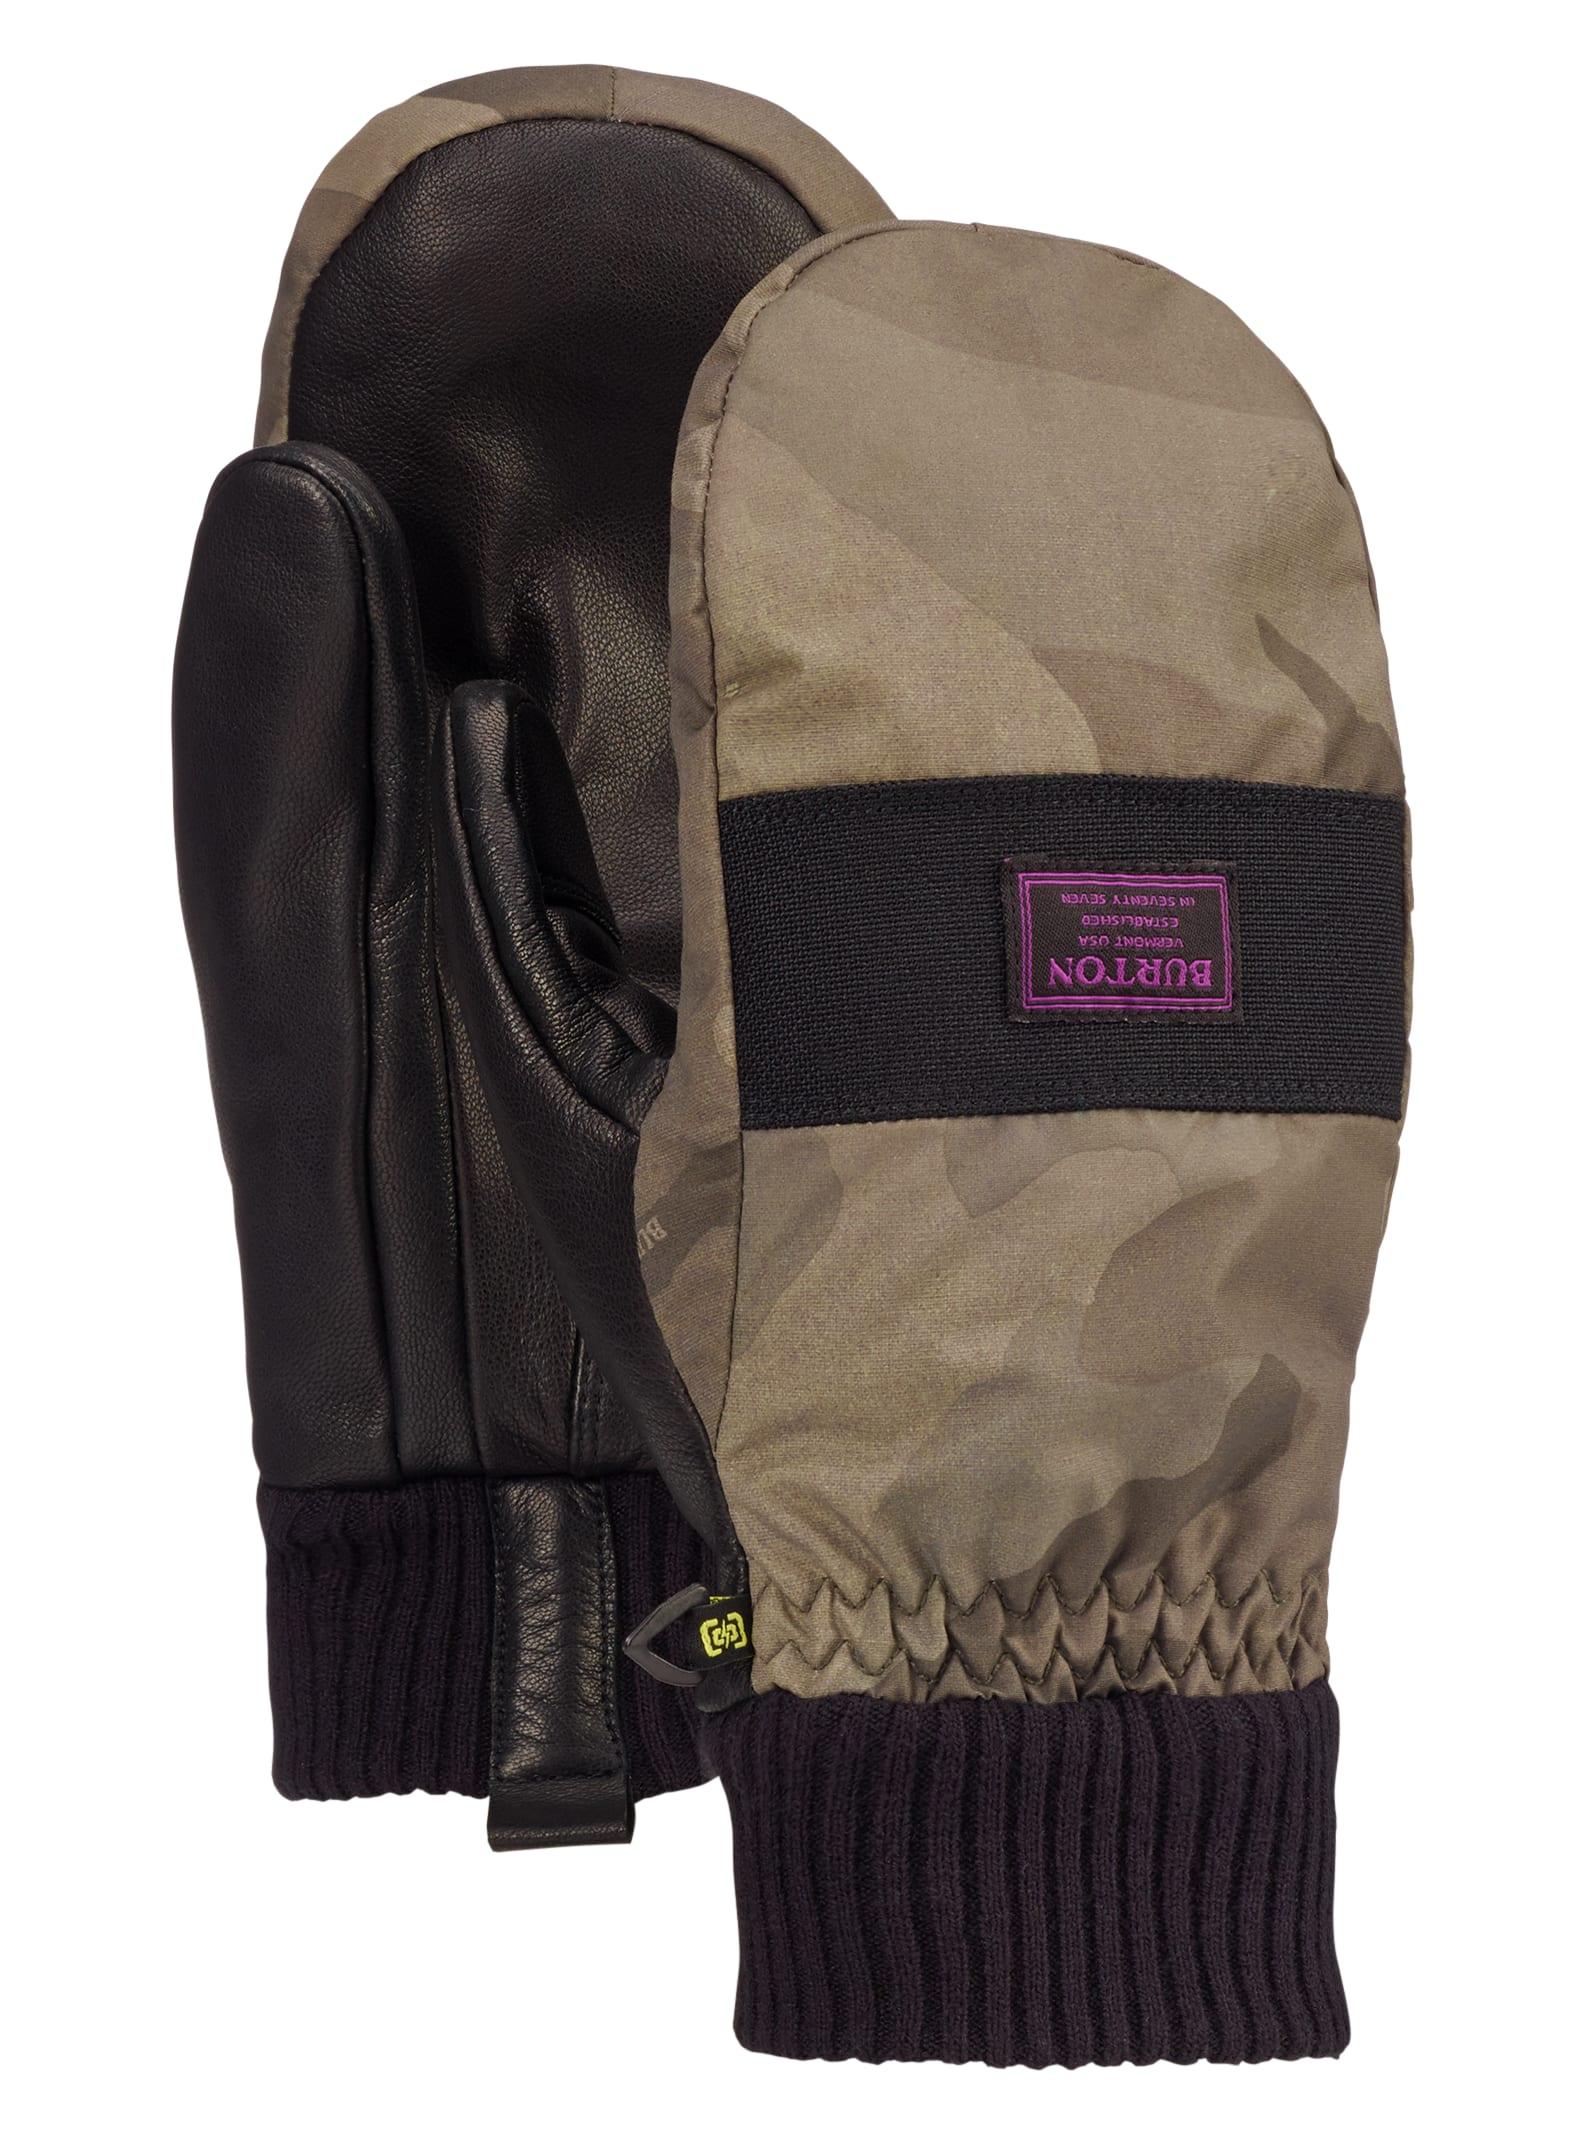 489afe6e486 Men's Gloves & Mittens | Burton Snowboards